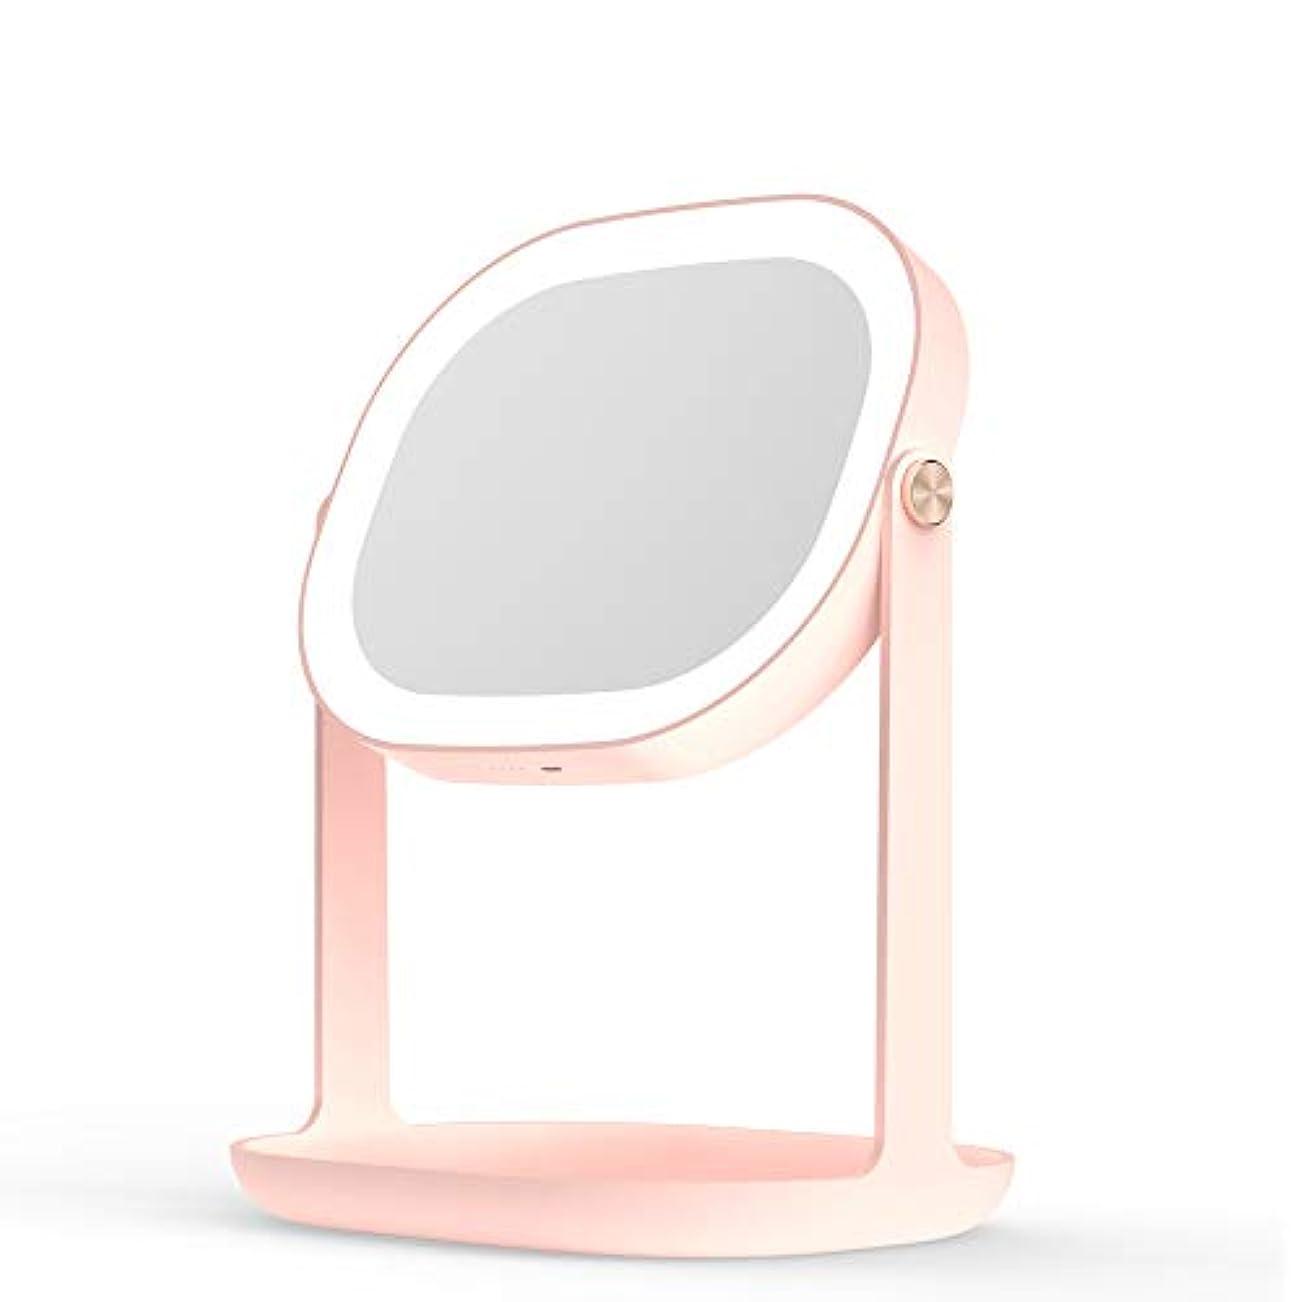 時期尚早アトミックメキシコ化粧鏡 LEDライトと化粧品収納ボックス付き 明るさ調節可能 高品質ガラス360°回転 48時間使用できる 、壁にDIY掛けるベルトも付き